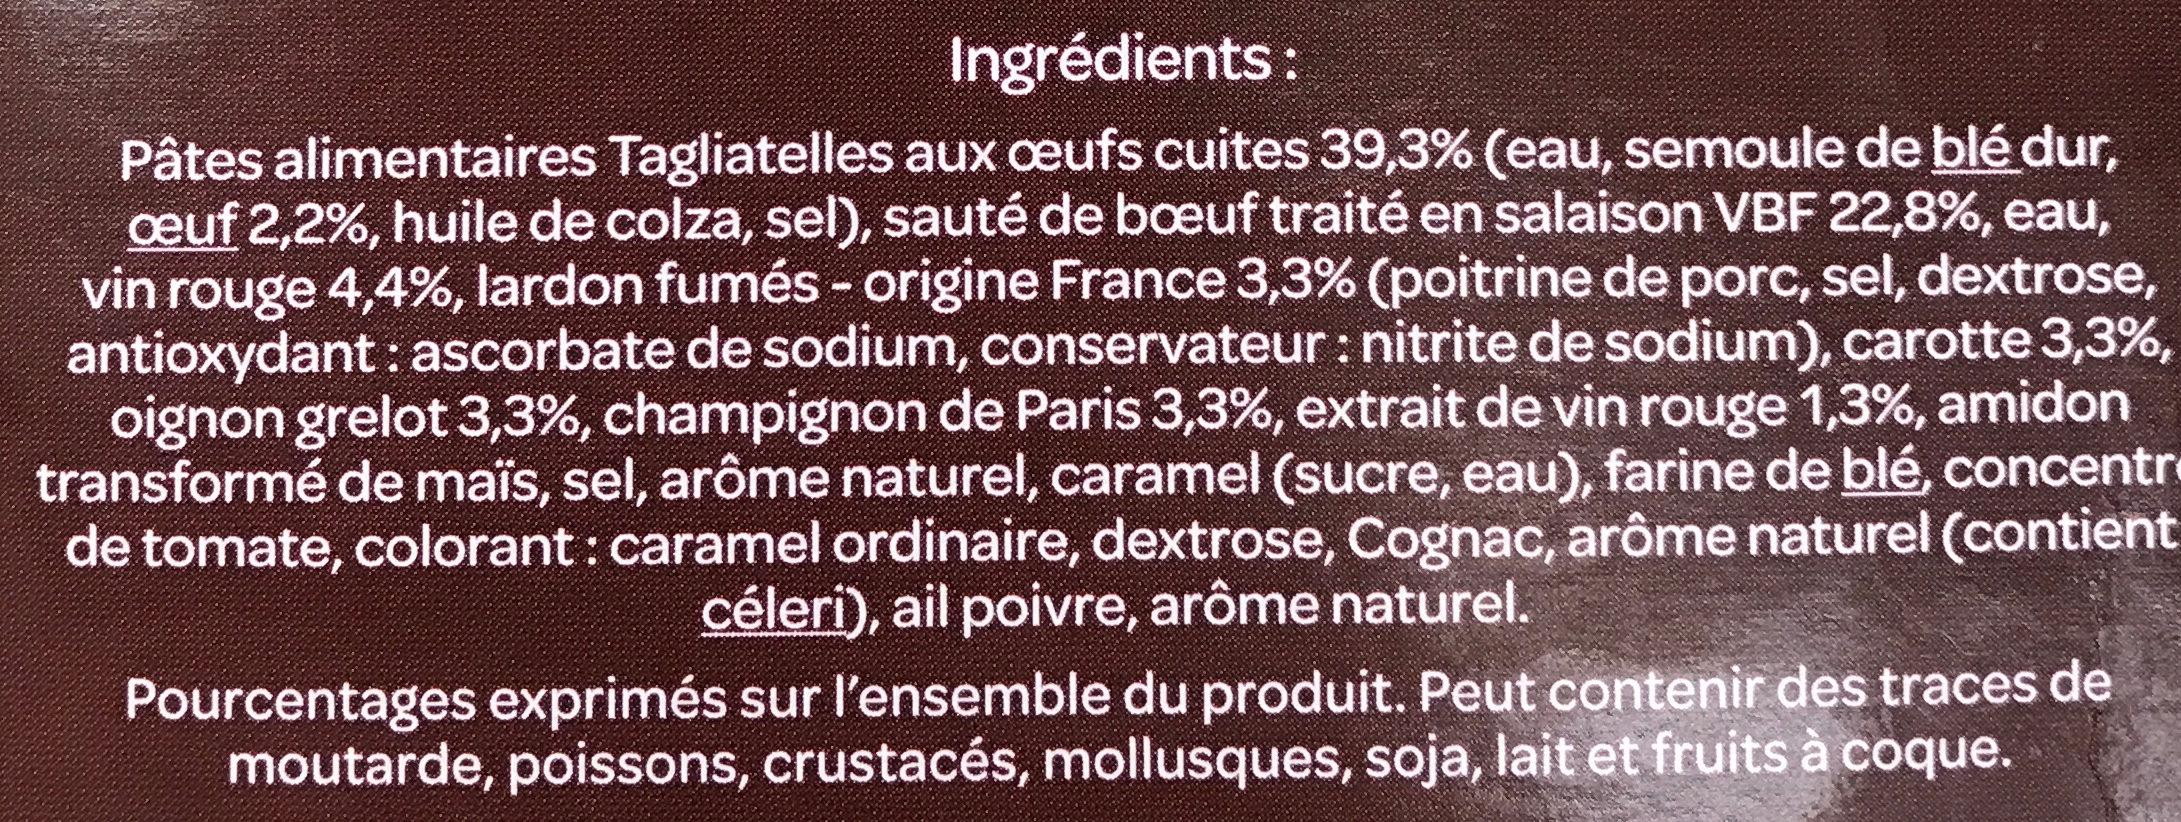 Bœuf Bourguignon et ses Tagliatelles - Ingrédients